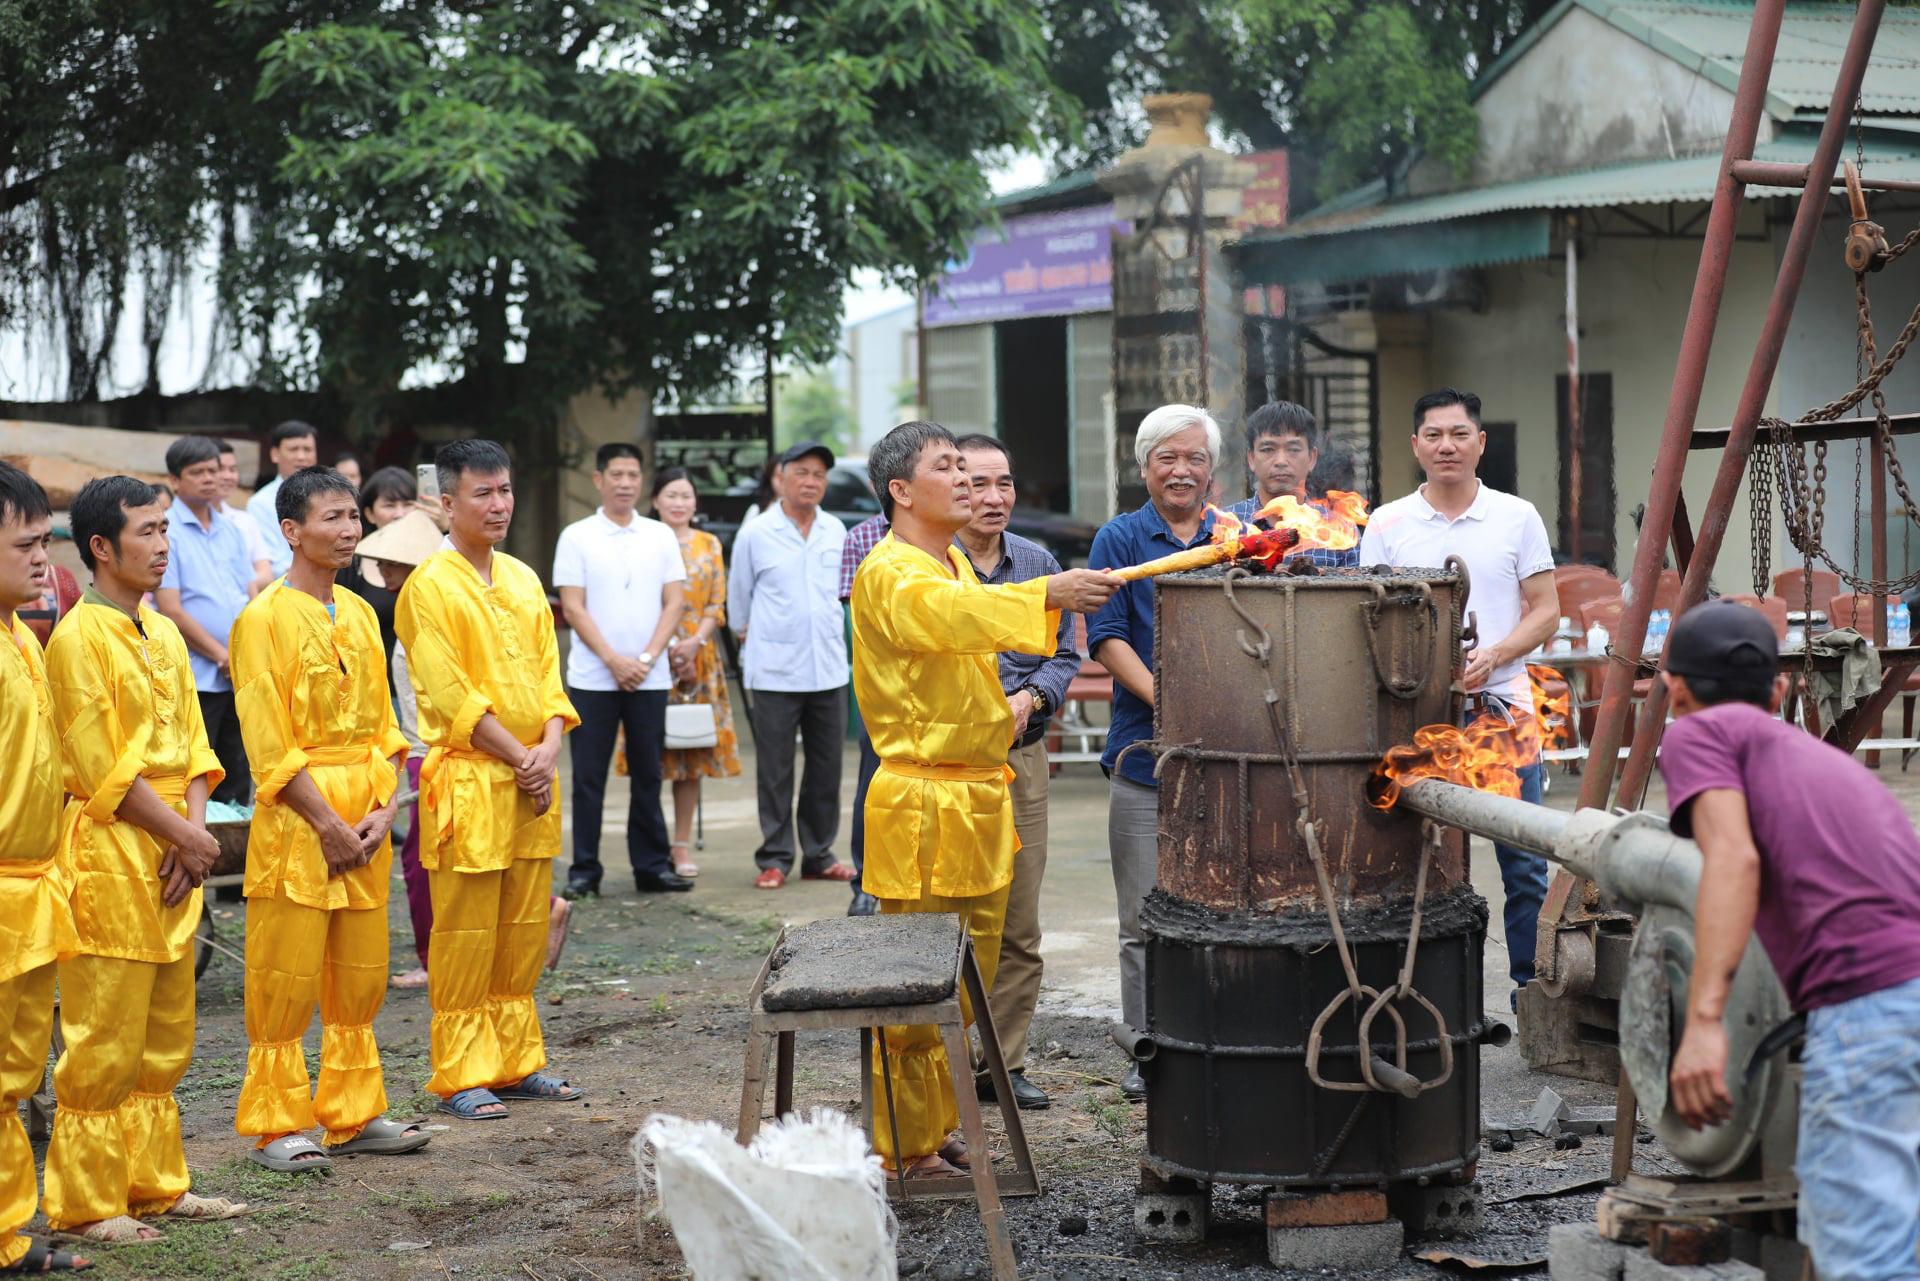 Đúc trống đồng Đông Sơn nặng 300kg chào mừng bầu cử Quốc hội khoá XV - Ảnh 1.